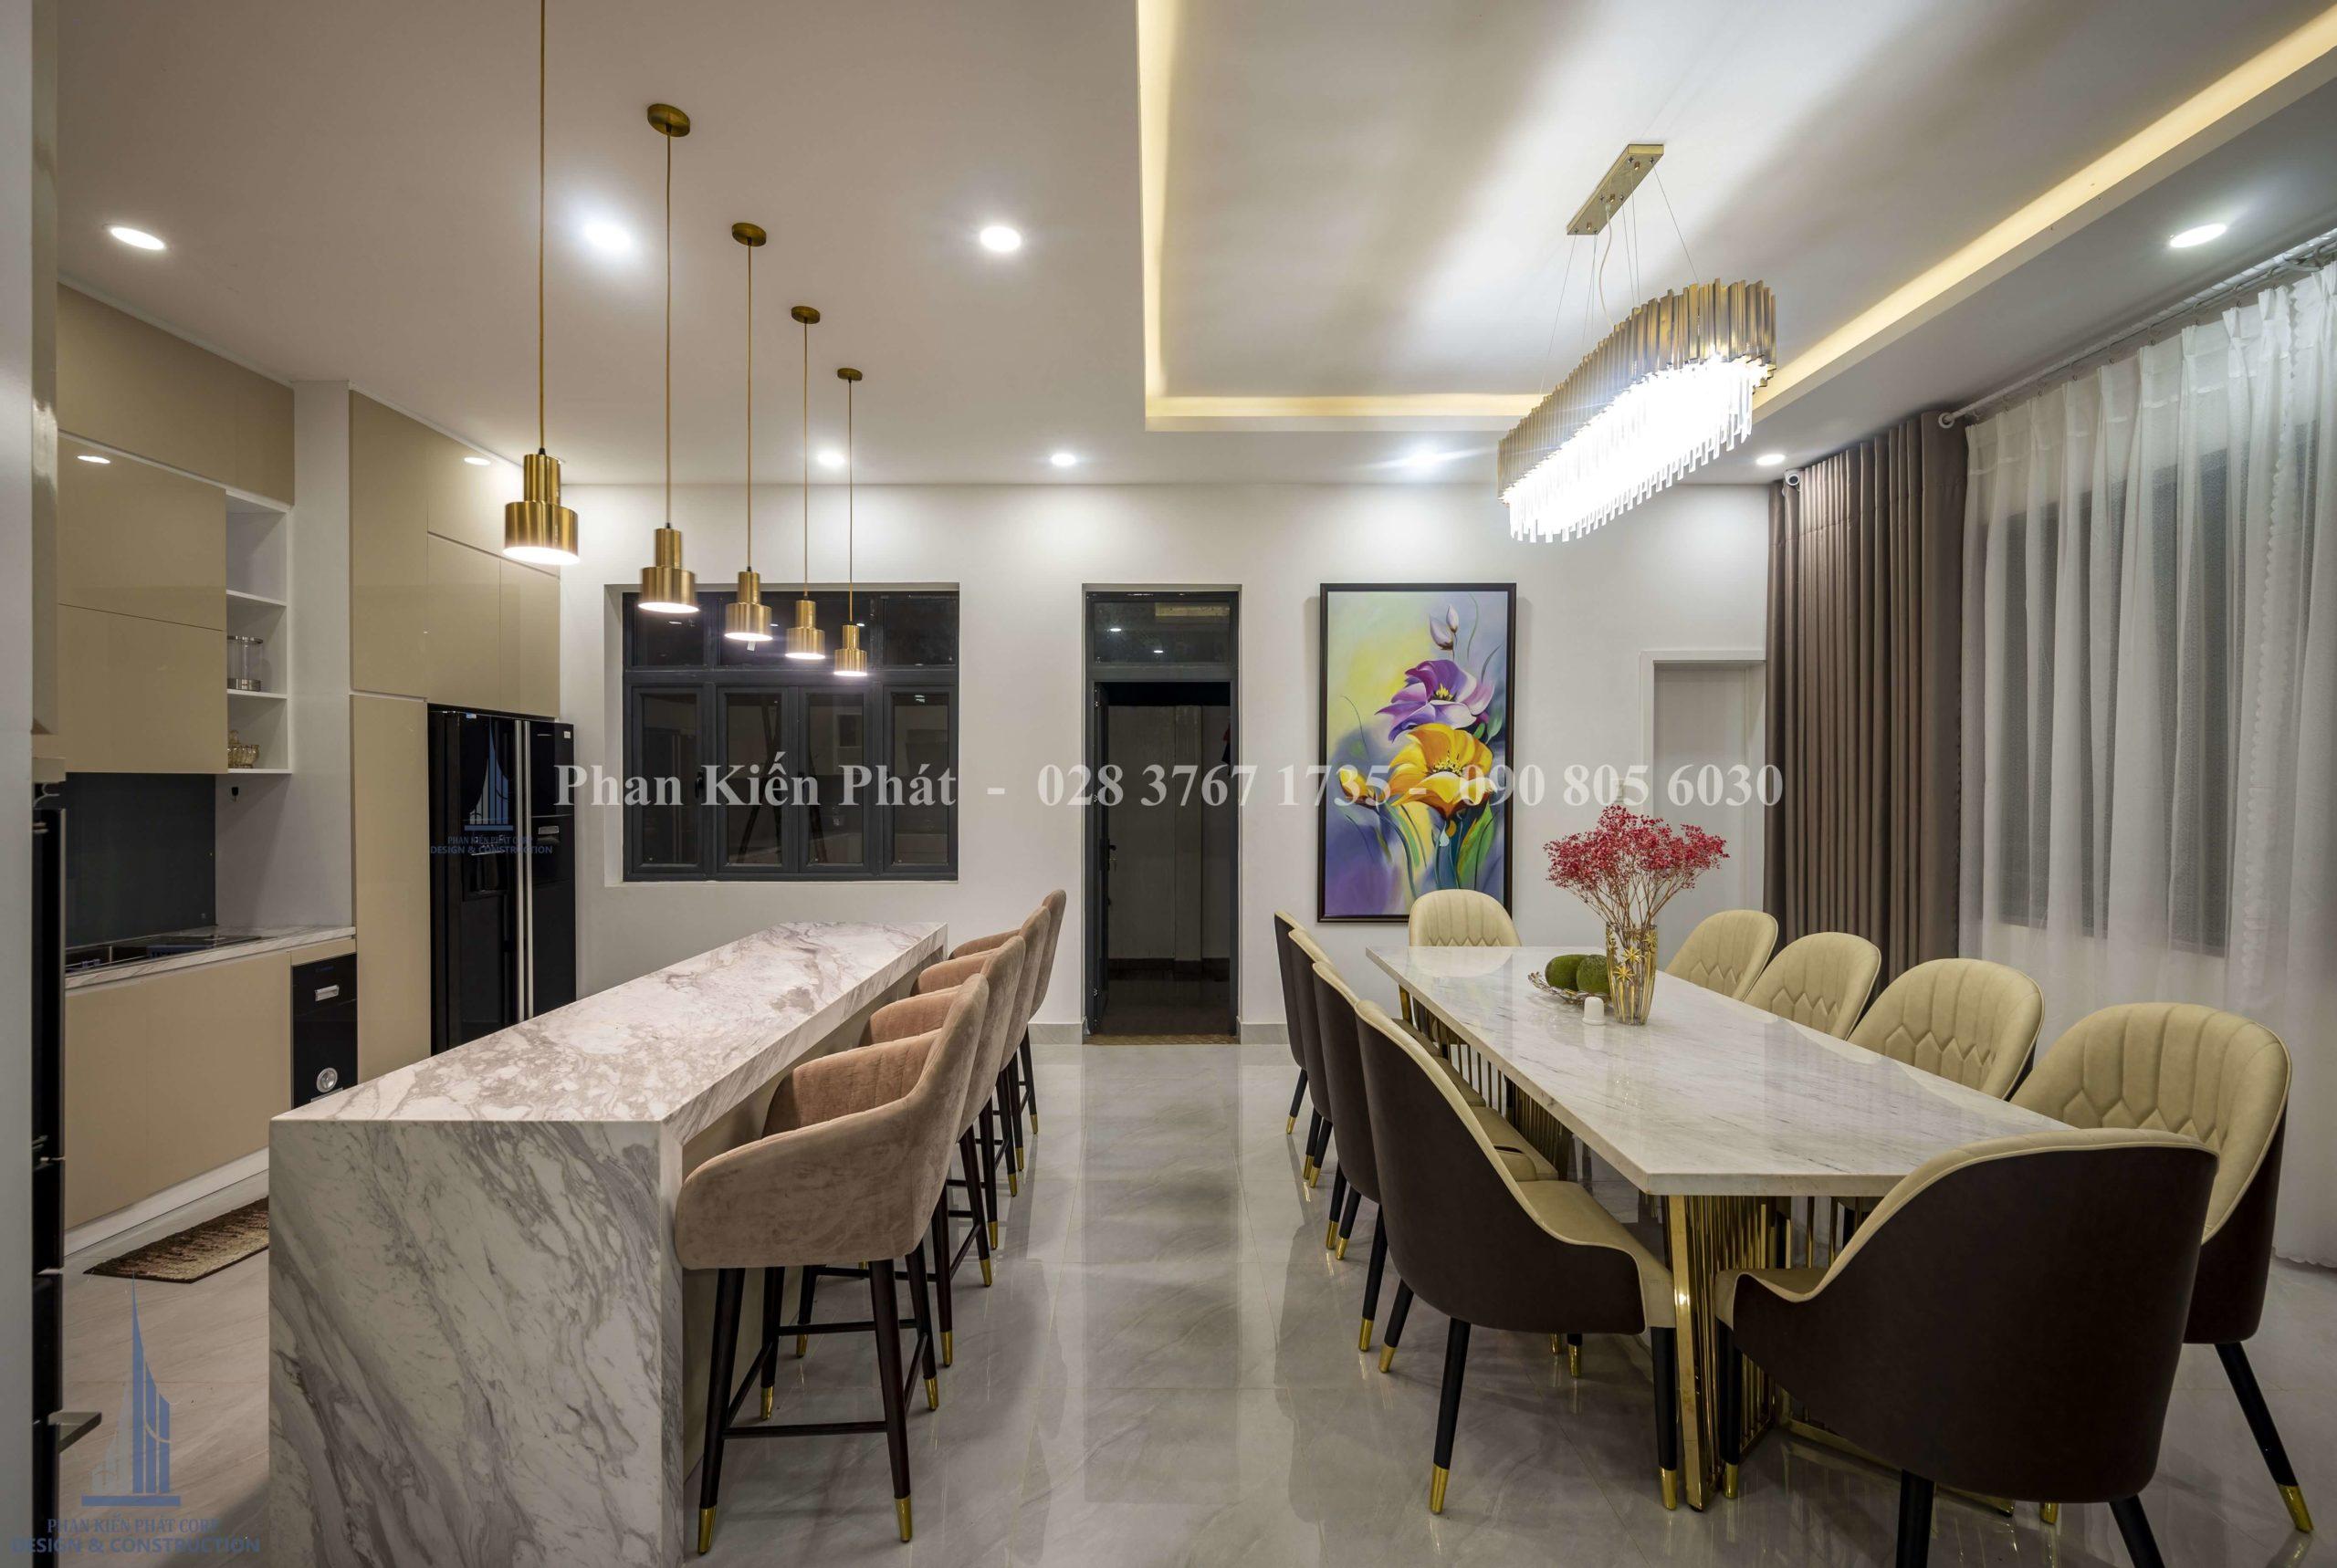 Hoan Thanh Thi Cong Noi That Biet Thu Hien Dai 2 Tkxdnd